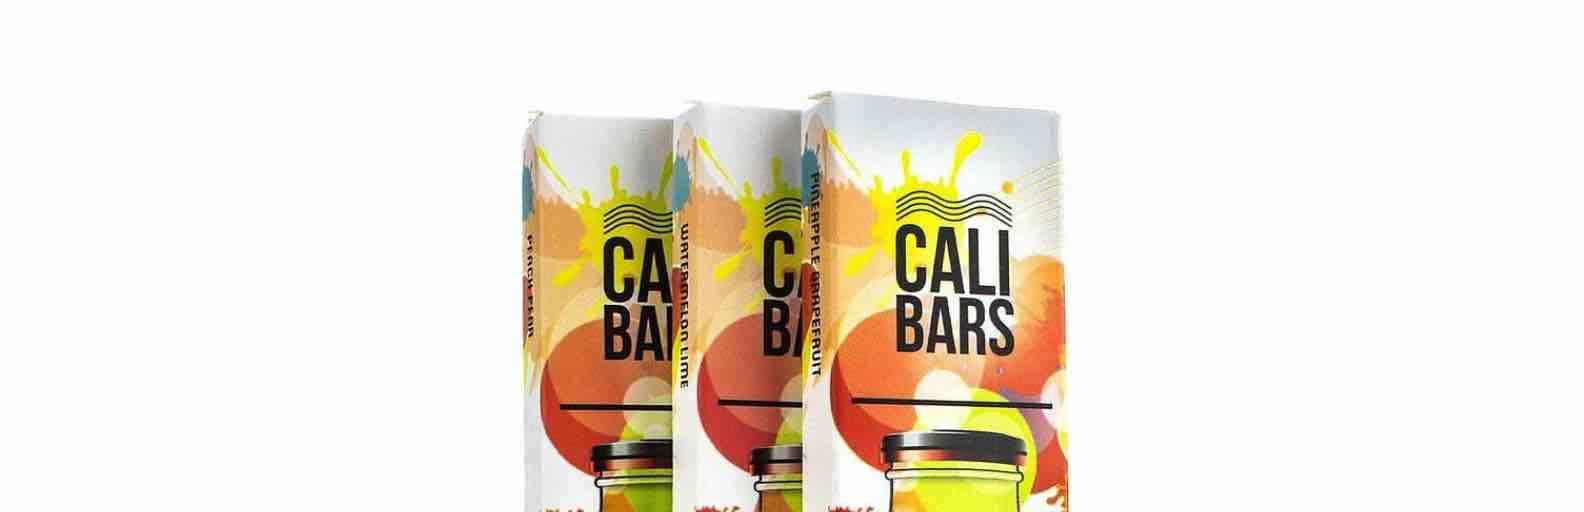 cali bars review